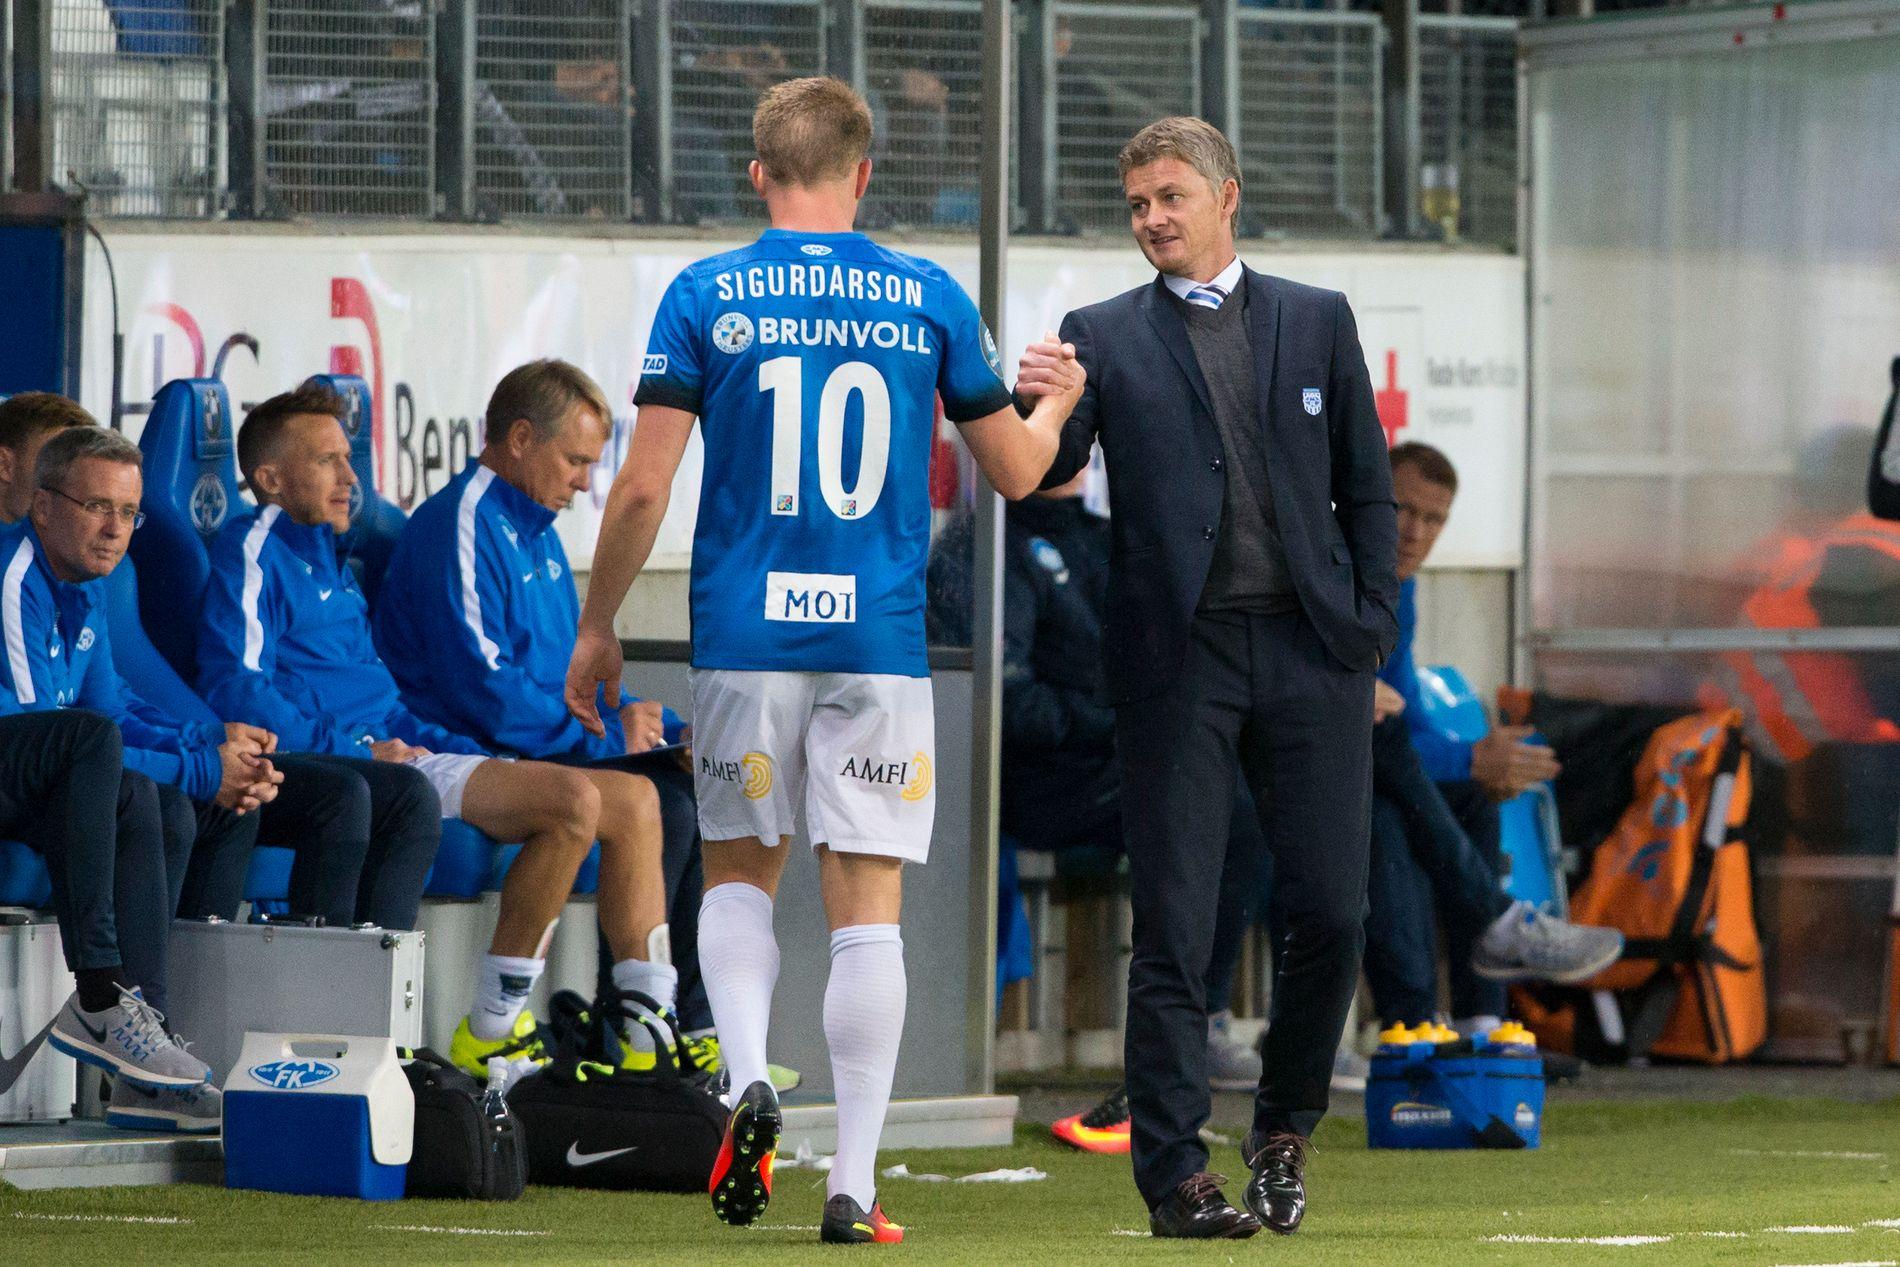 FERDIG: Molde-sjef Ole Gunnar Solskjær (t.h.) må klare seg uten sin toppscorer Björn Bergmann Sigurdarson.